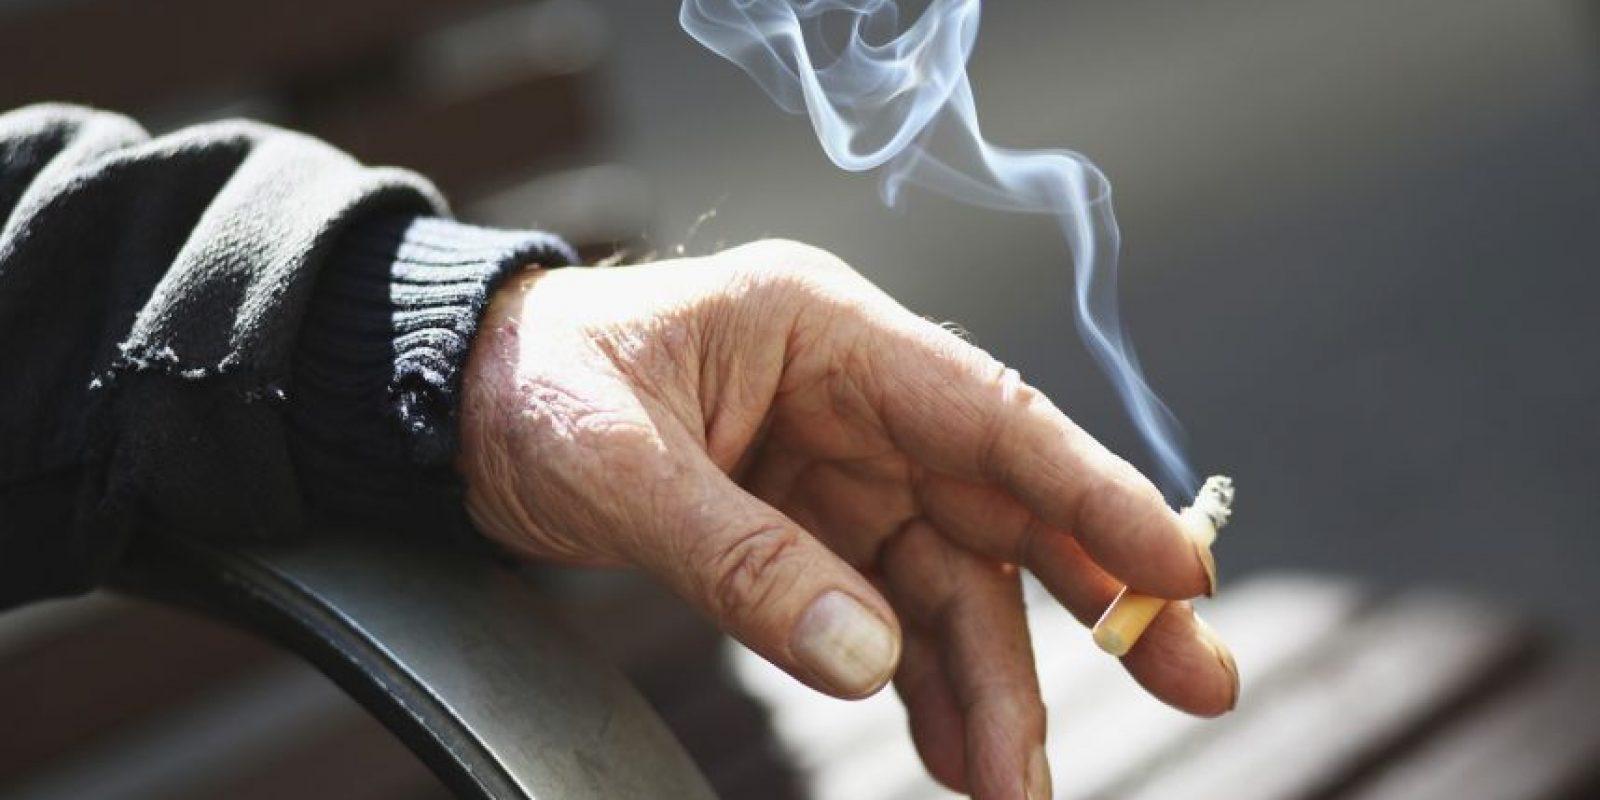 Los estudios señalan que fumar un solo cigarrillo acorta tu vida en unos 11 minutos. En general, tu expectativa de vida se reduce en unos 7-8 años si eres fumador. Foto:Getty Images